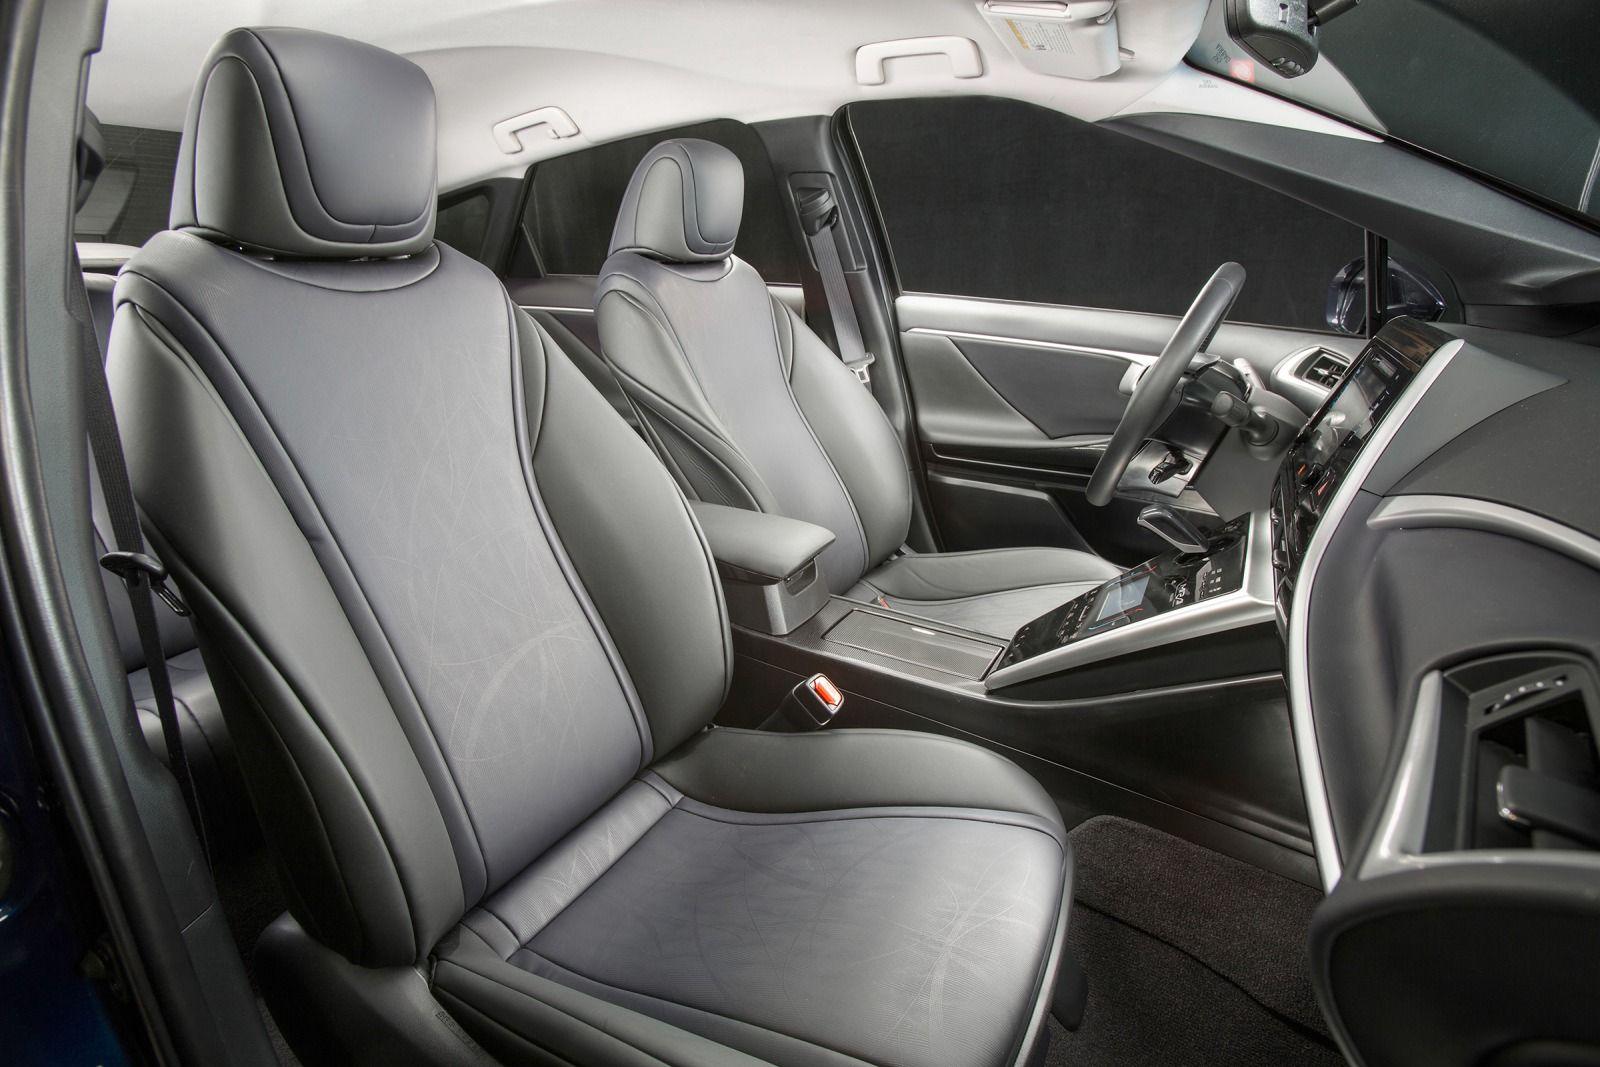 2016 Toyota Mirai Front Interior Seats